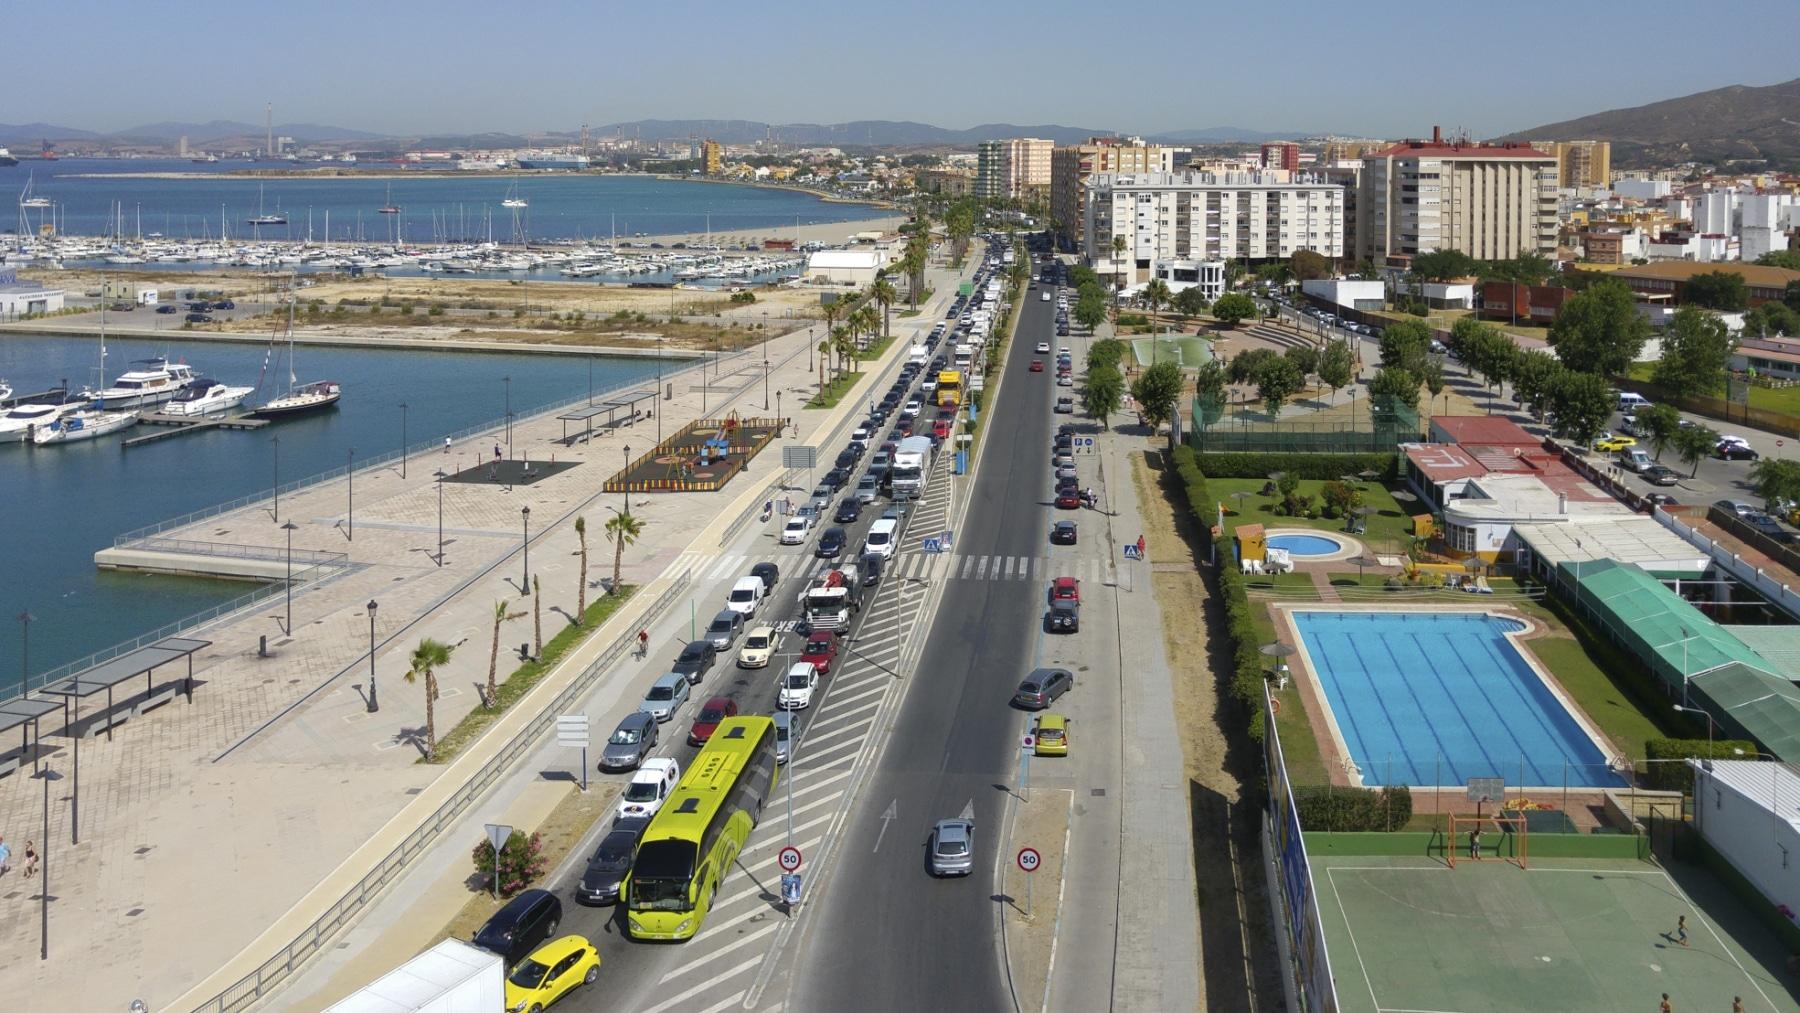 cola-entrada-a-gibraltar-28072015-14_19468680413_o